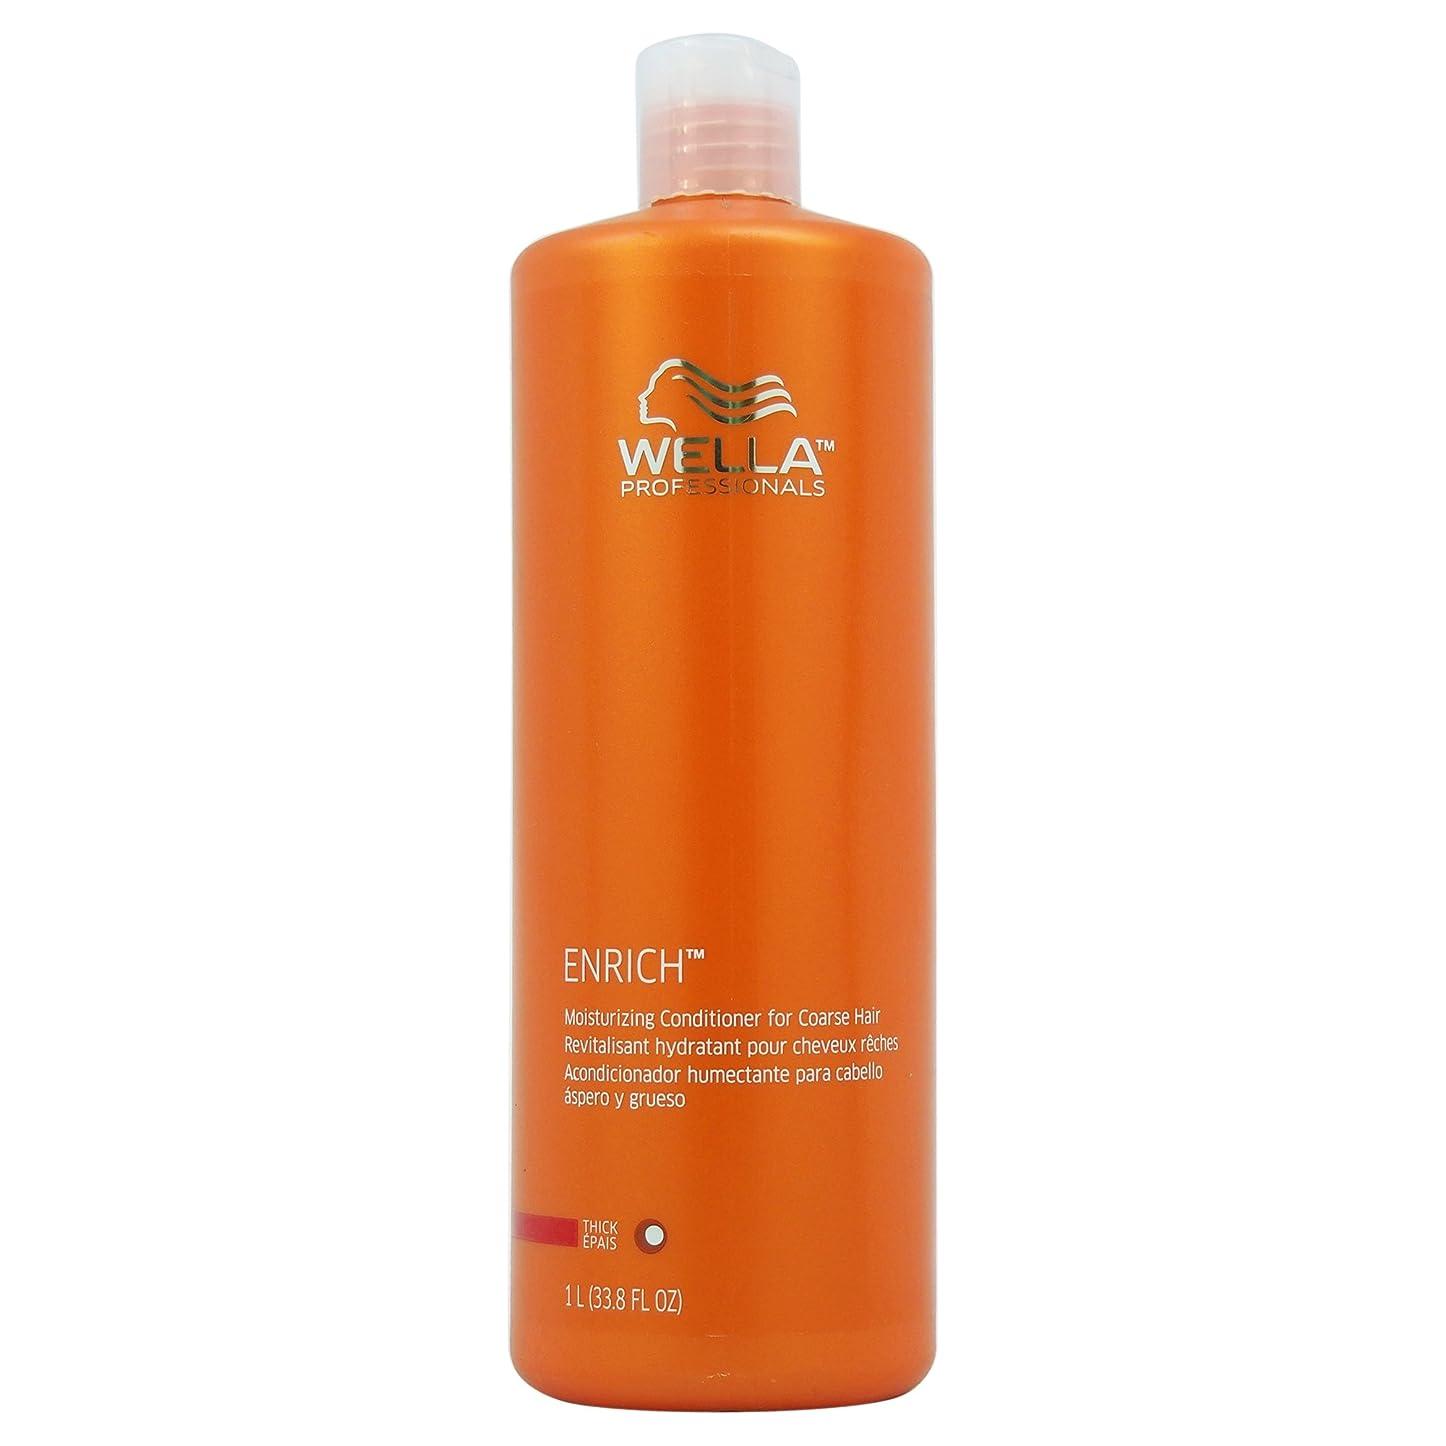 大通り接続された誇りに思うWella Enriched Moisturizing Conditioner for Coarse Hair for Unisex, 33.8 Ounce by Wella